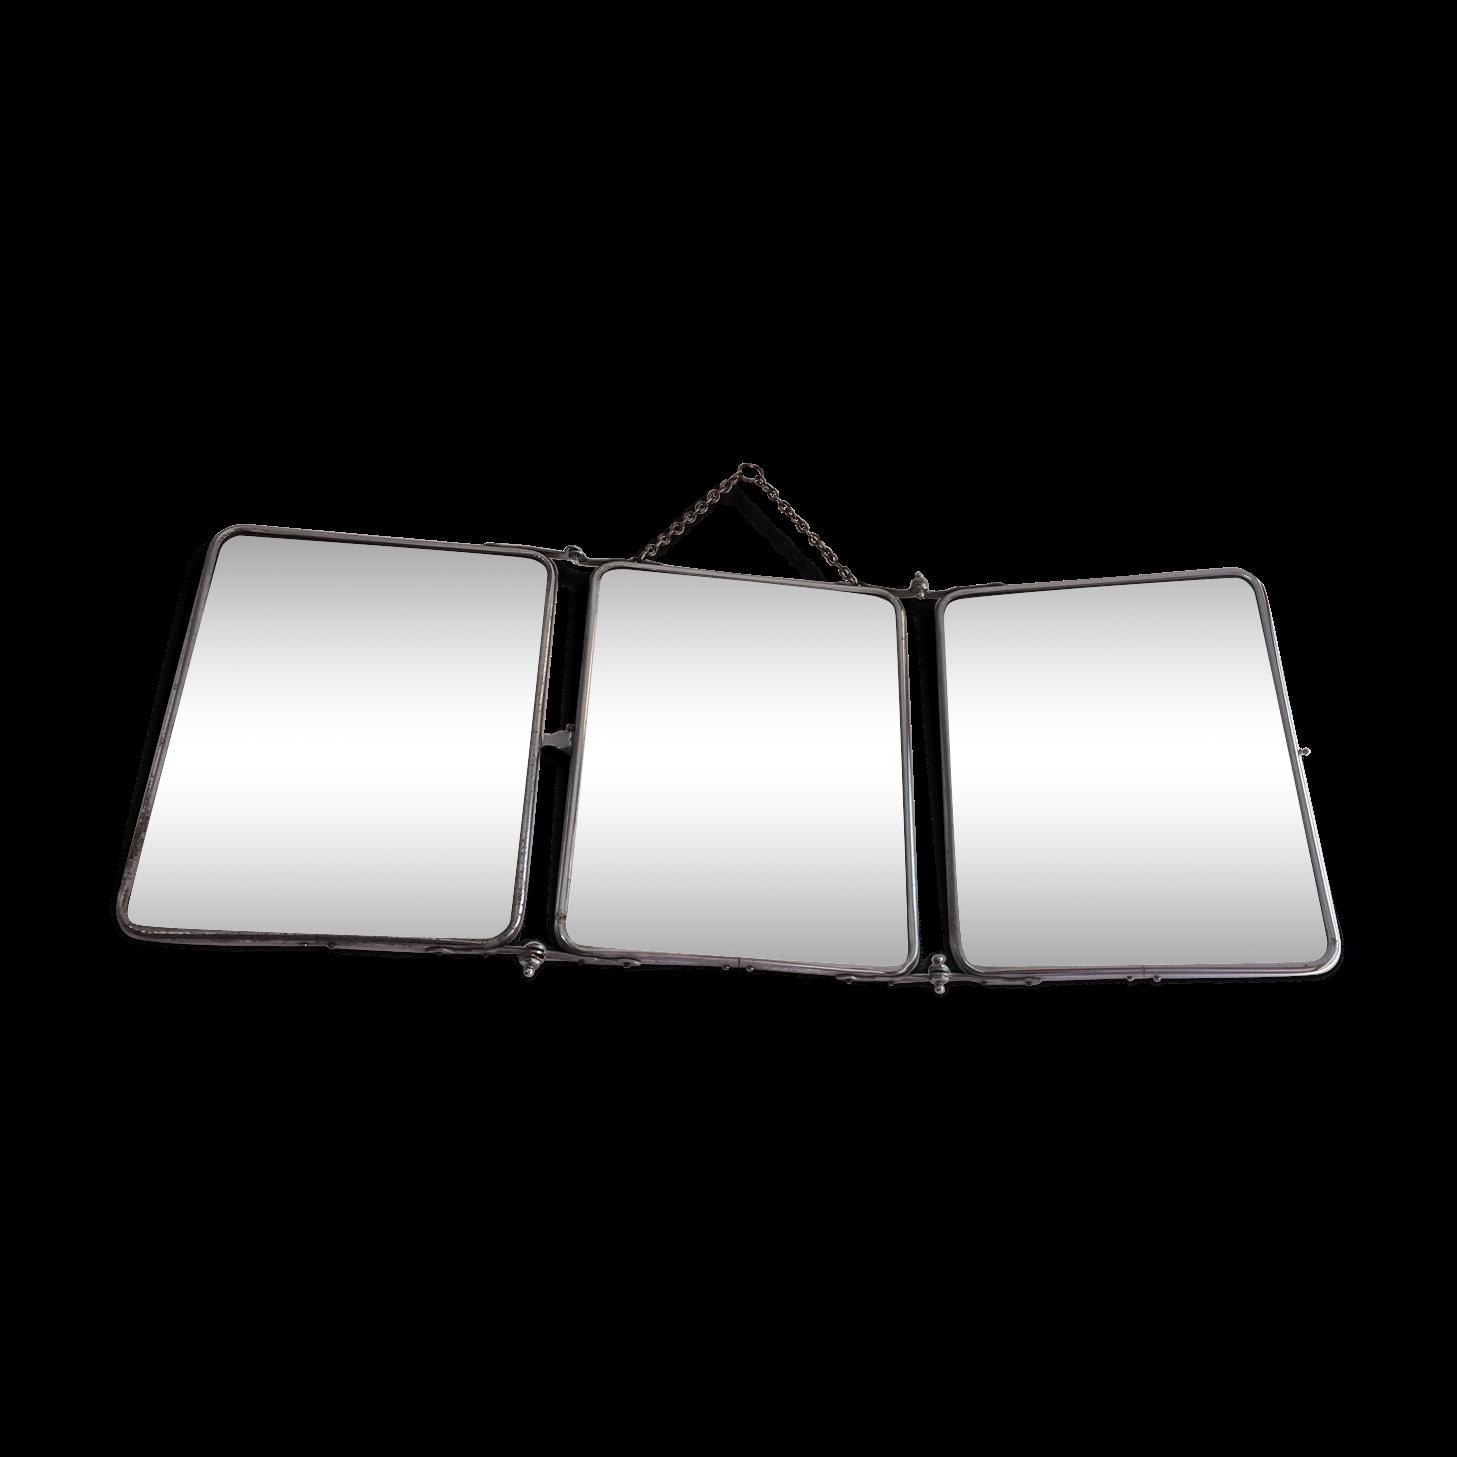 miroir de barbier le bon coin good miroir x cm icy. Black Bedroom Furniture Sets. Home Design Ideas